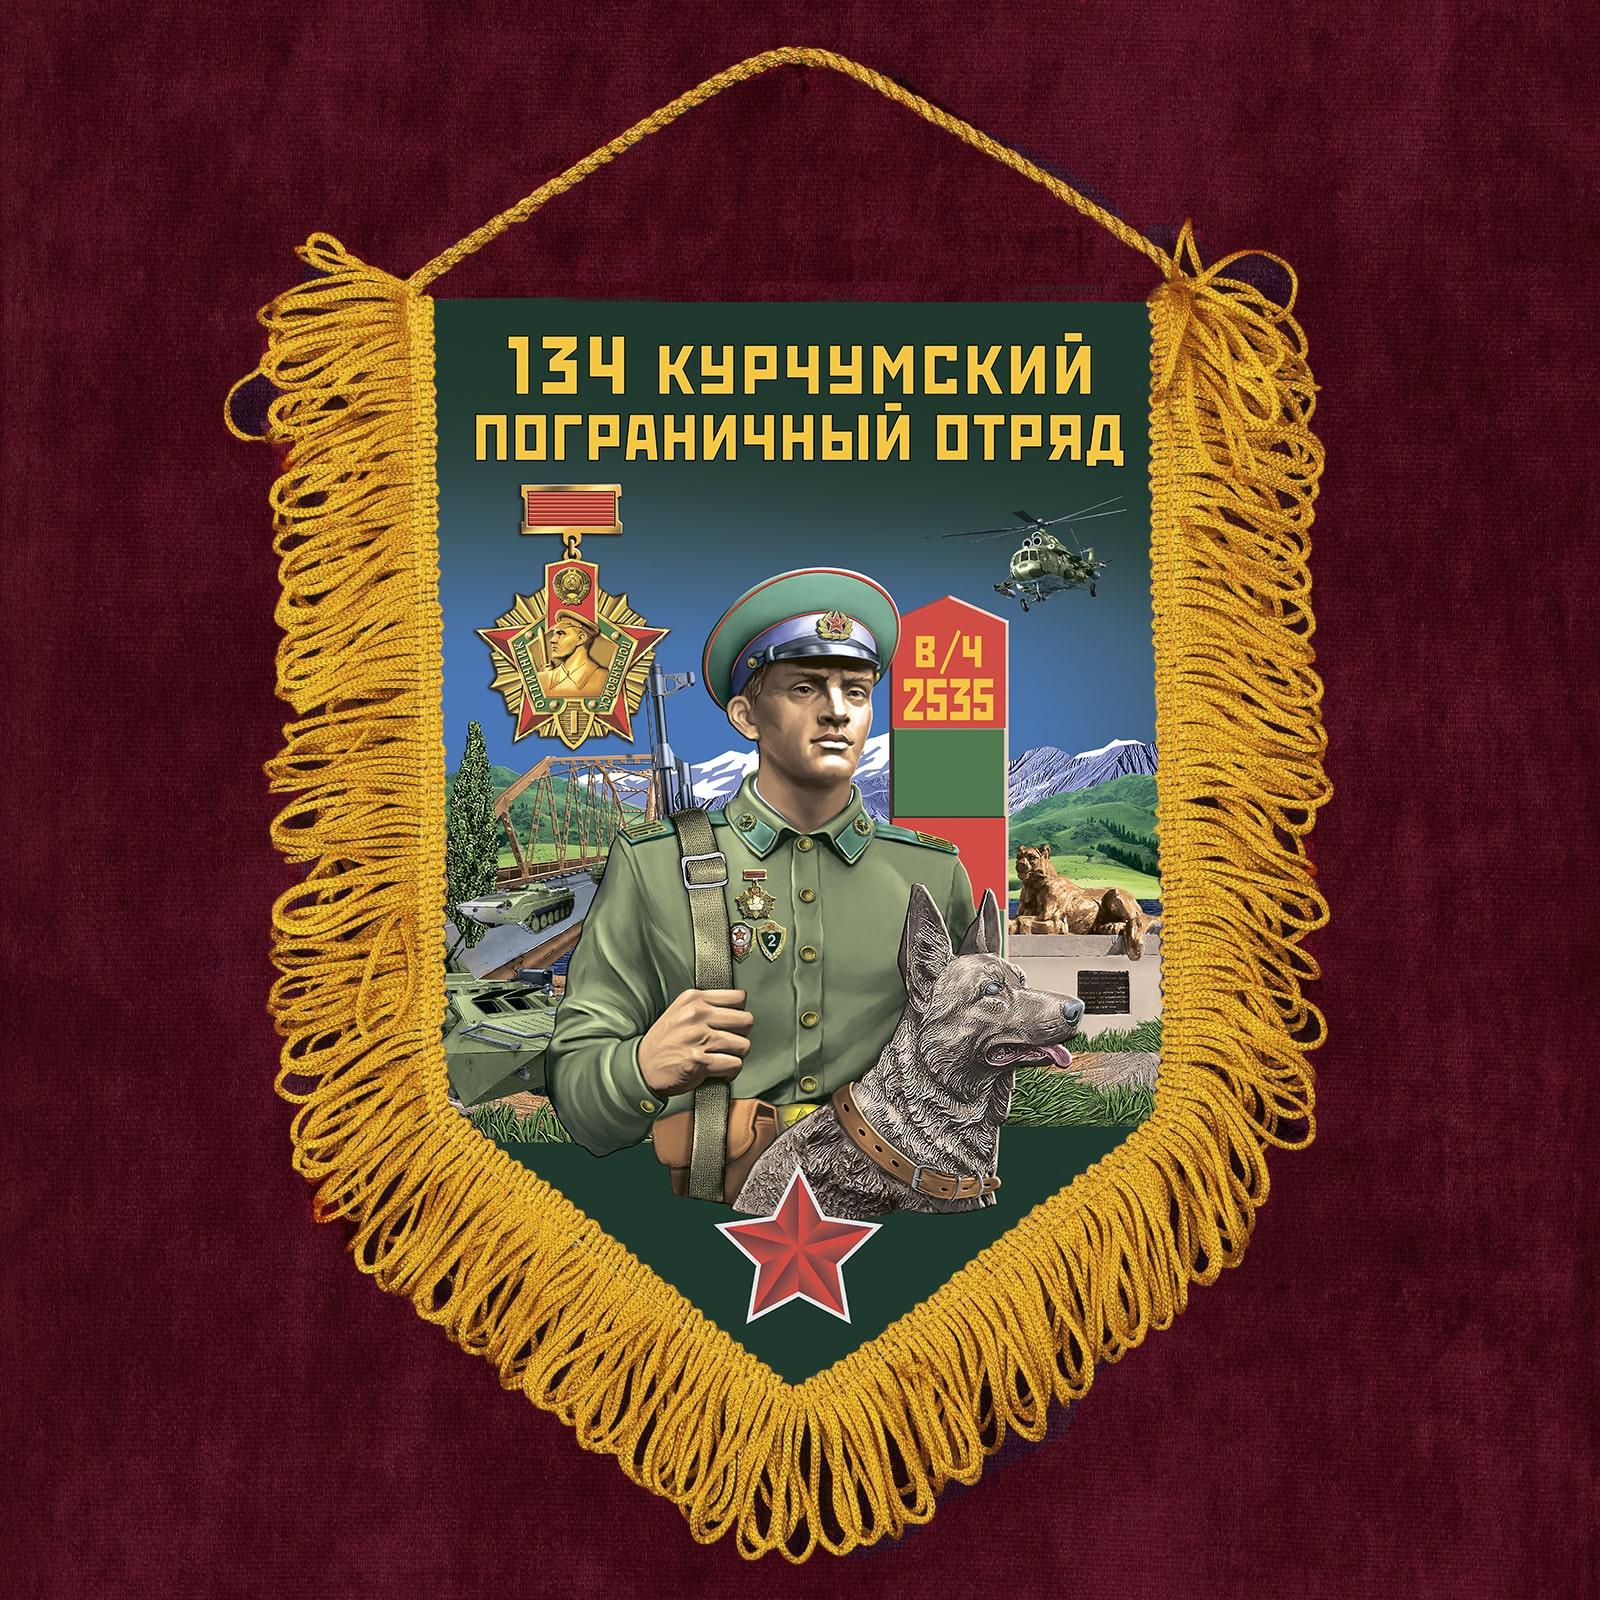 """Подарочный вымпел """"134 Курчумский пограничный отряд"""""""